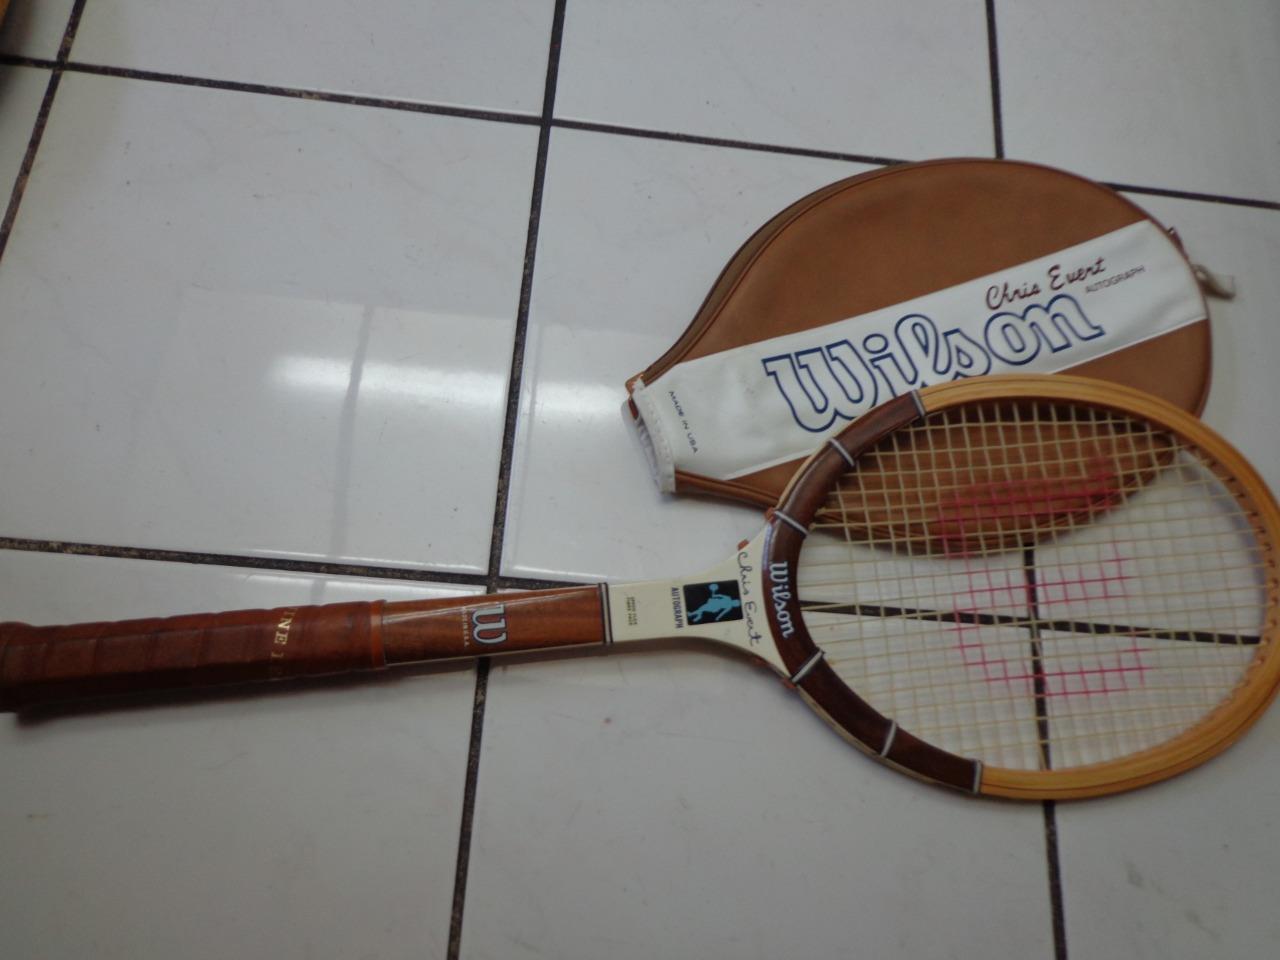 Wilson Chris Egreen Autograph 4 1 2 grip Wood Wooden Tennis Racquet